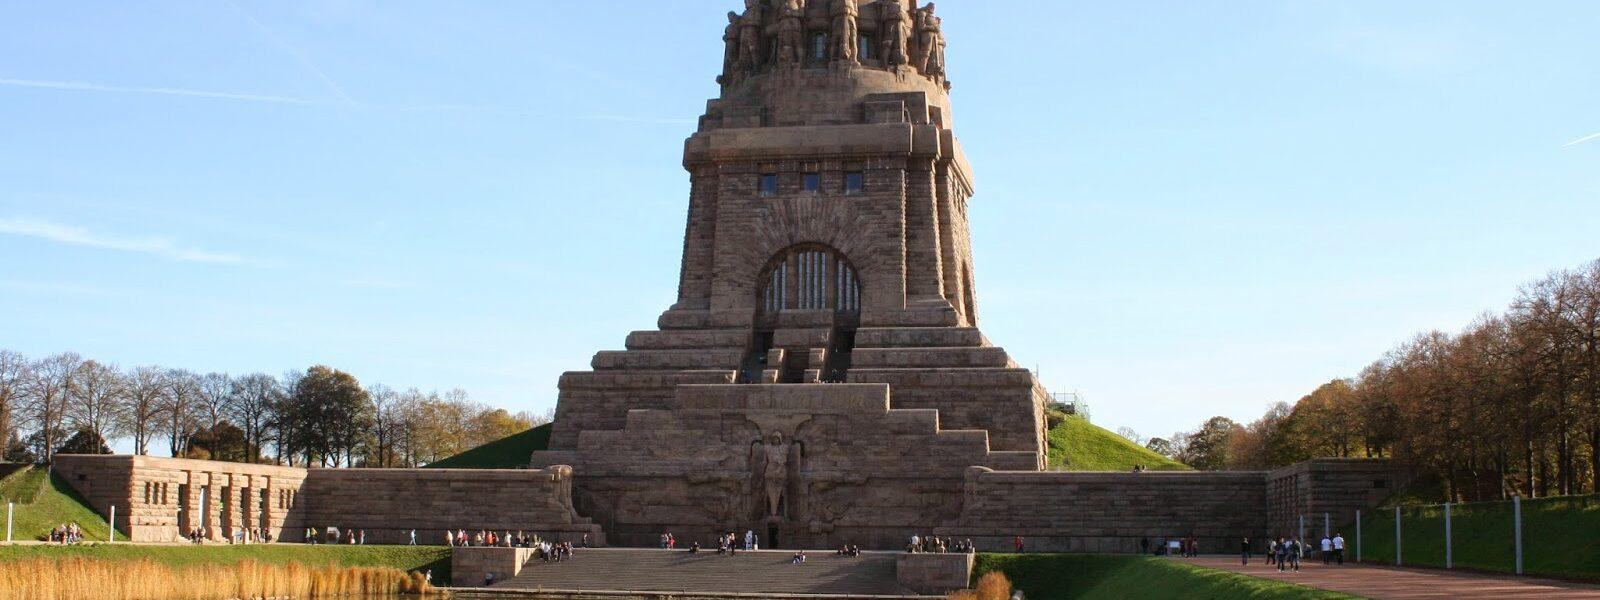 Von 1898 bis 1913 zur Einweihung wurde das Völkerschlachtdenkmal gebaut